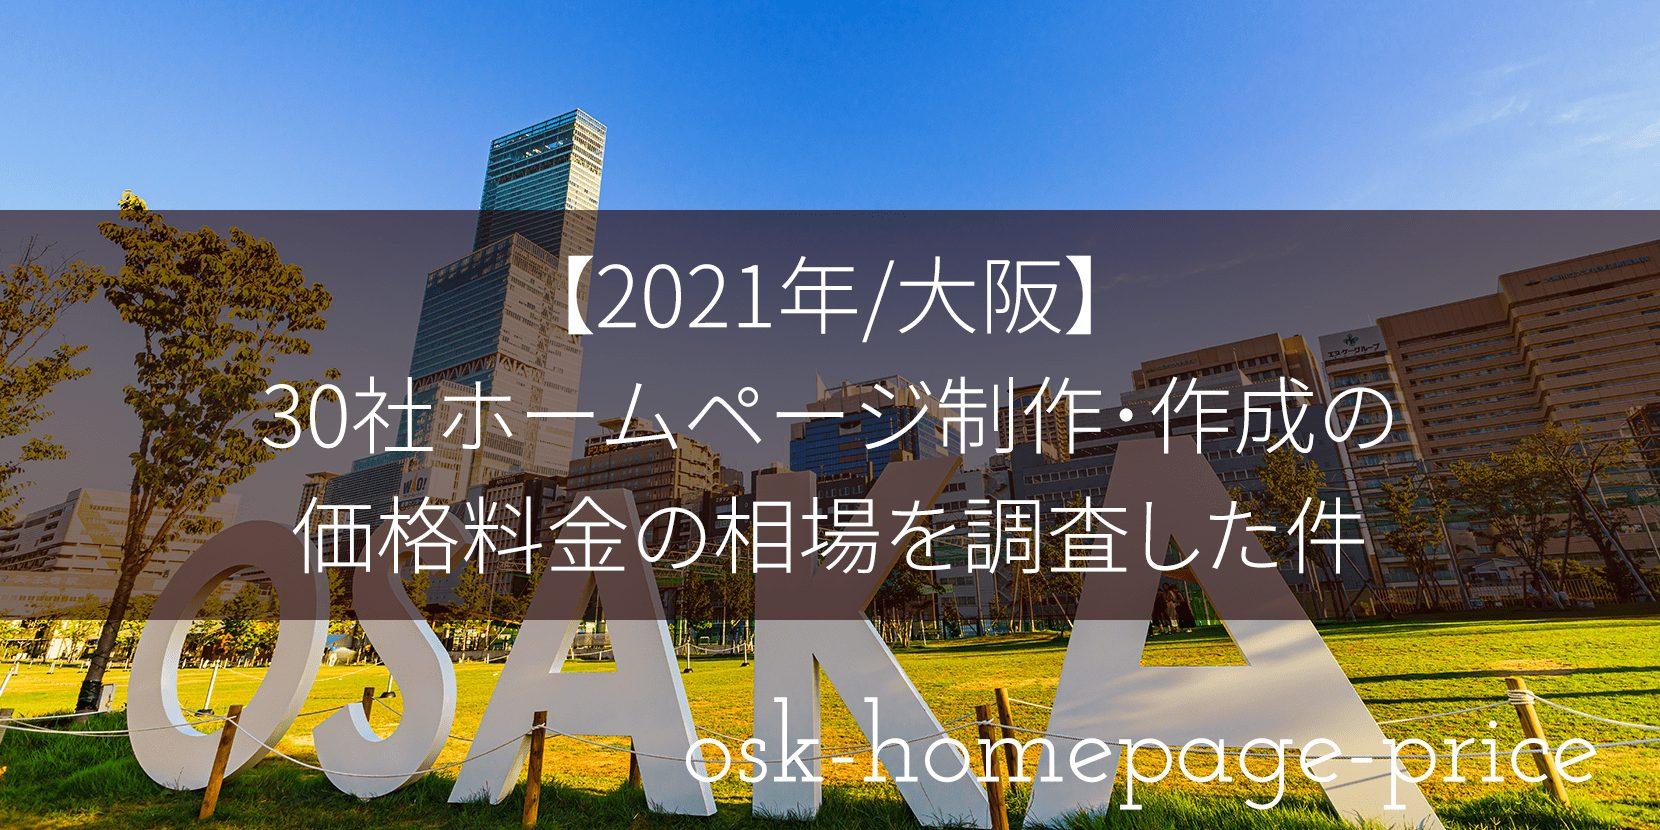 【2021年/大阪】30社ホームページ制作・作成の価格料金の相場を調査した件